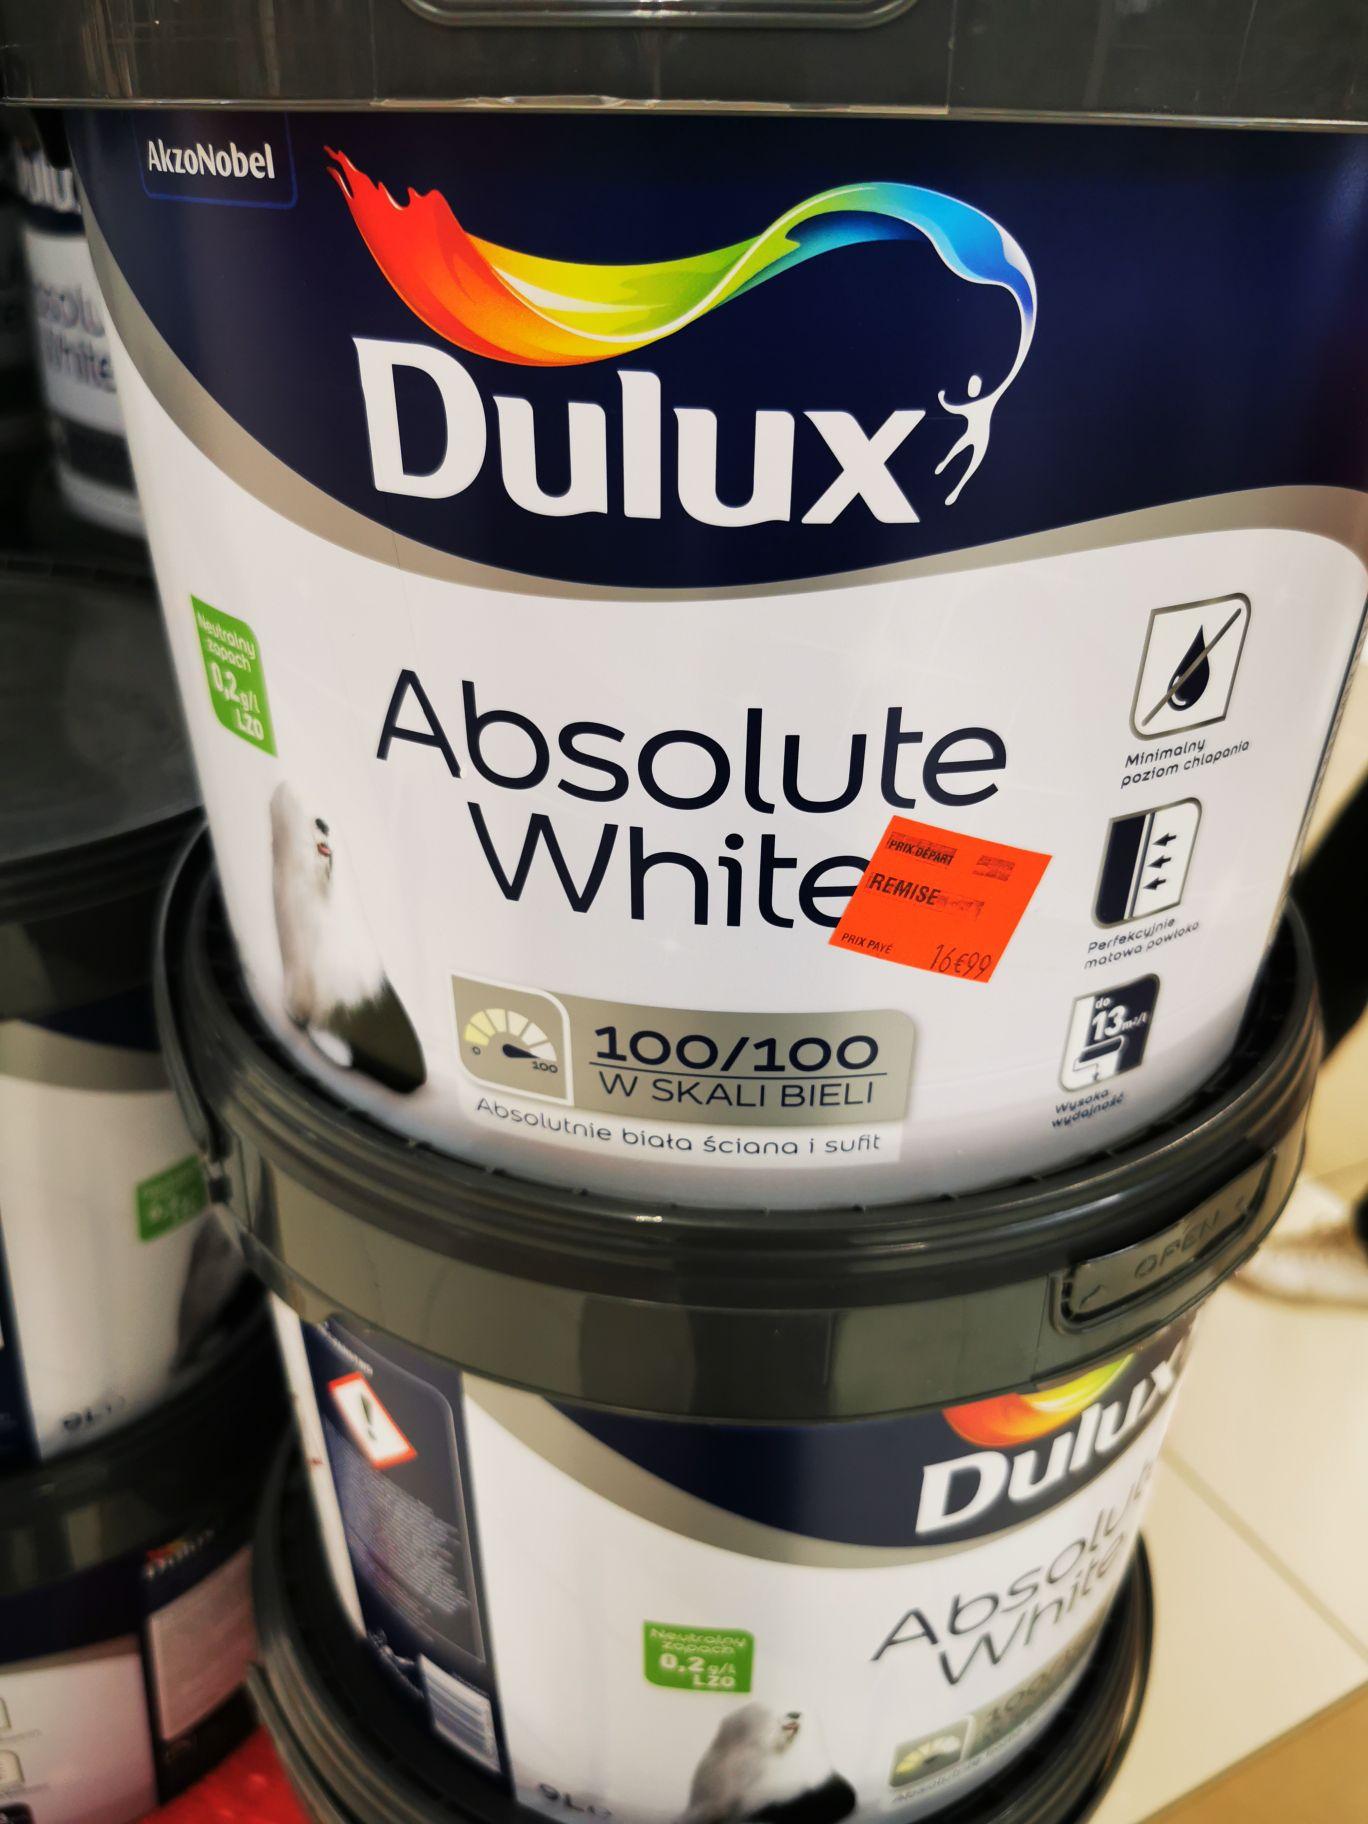 Pot de peinture blanche Dulux Absolute White (9 L) - Portet-sur-Garonne (31)